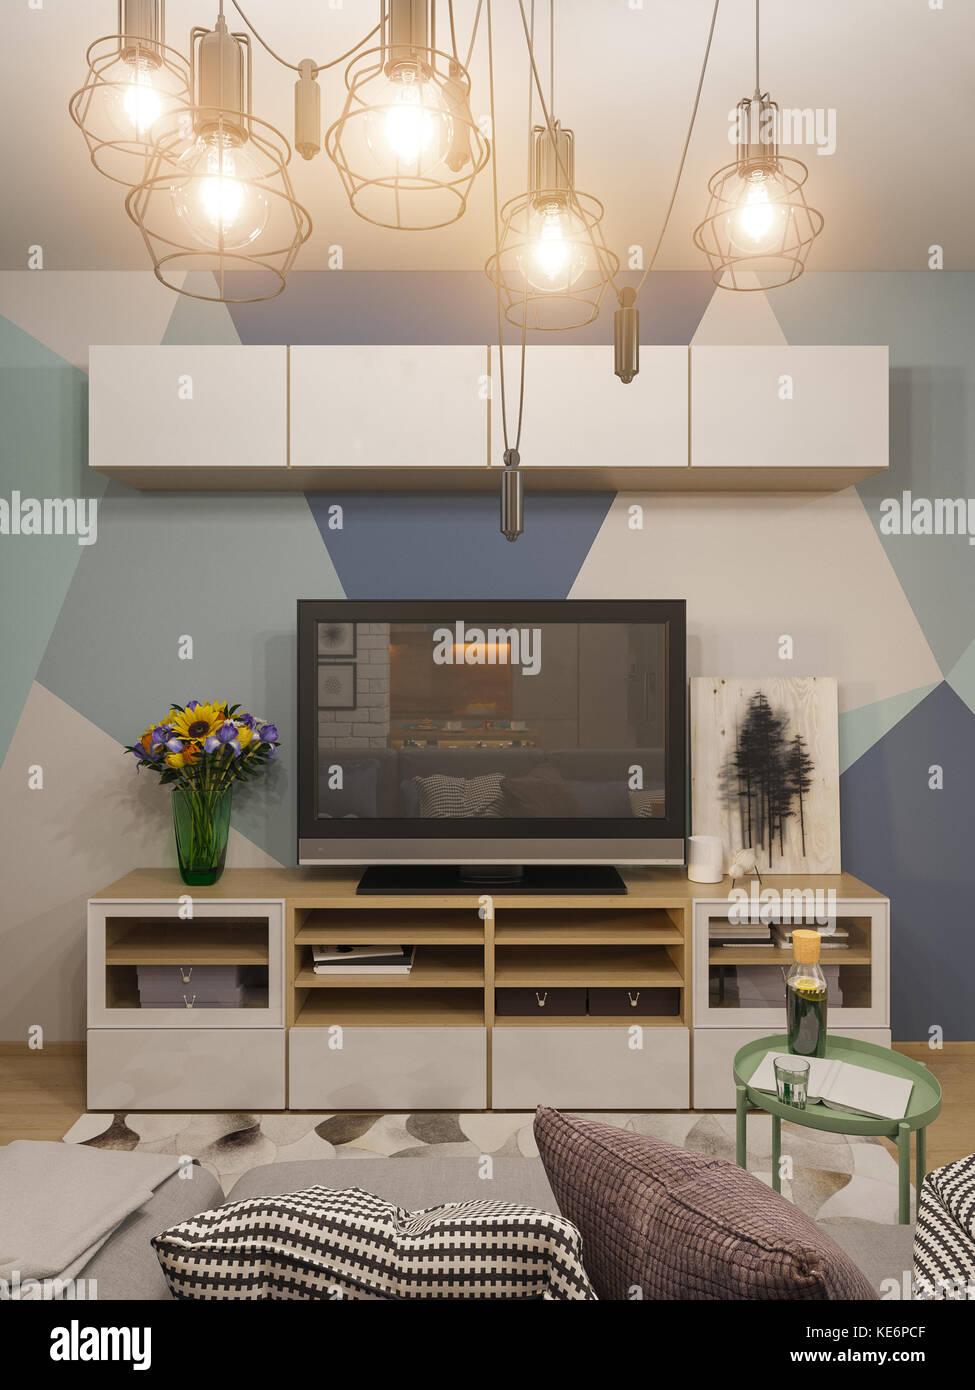 Ilustración 3d salón interior. Diseño moderno apartamento estudio en ...